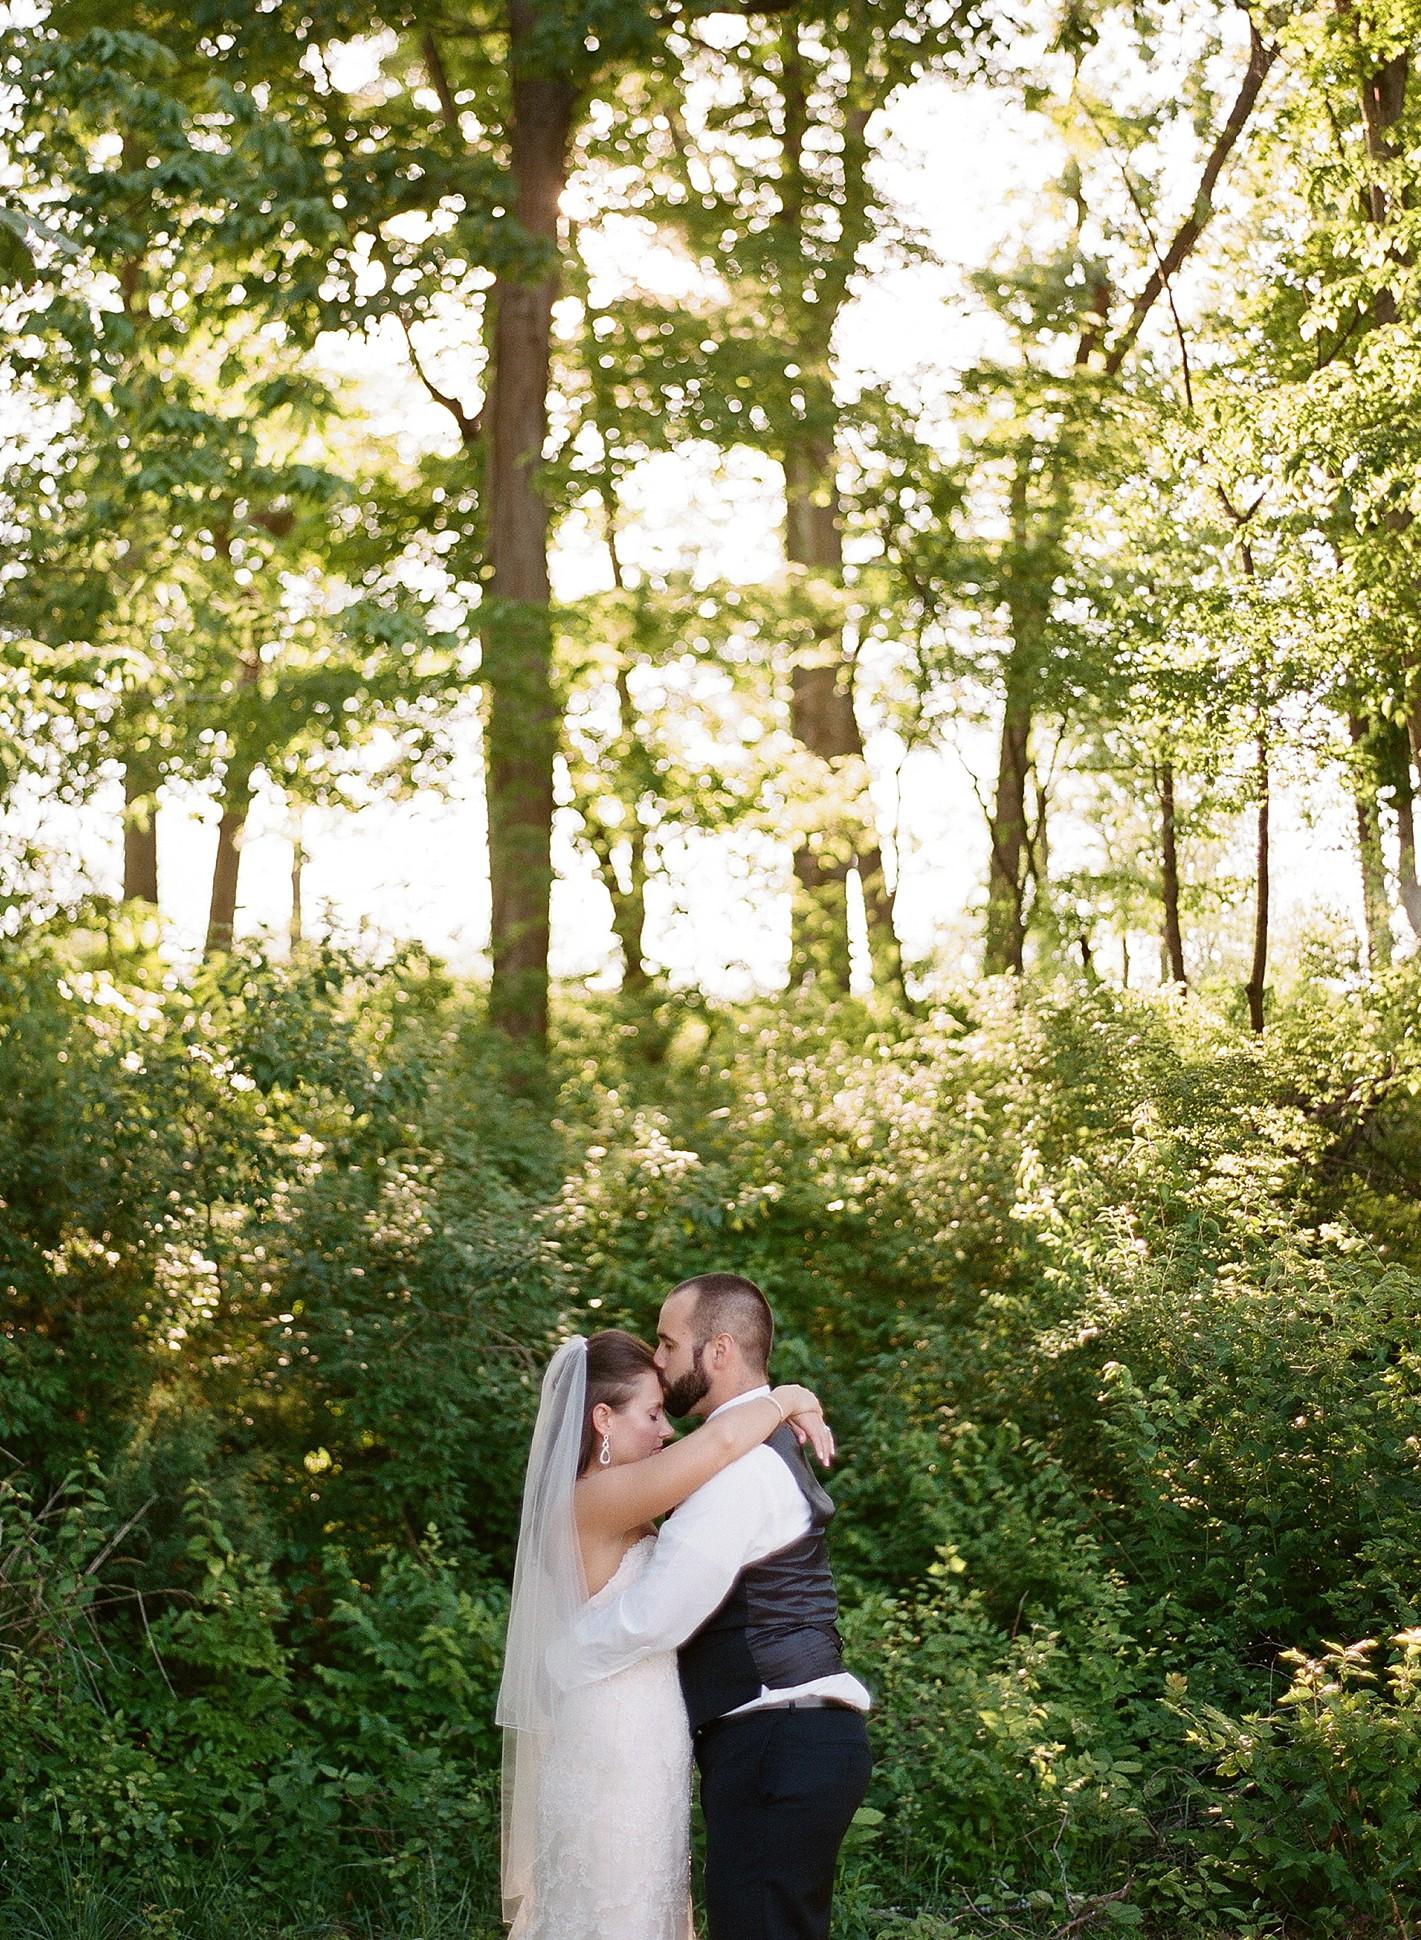 st louis photography_maternity_lauren muckler photography_film_st louis film photographer_0850.jpg